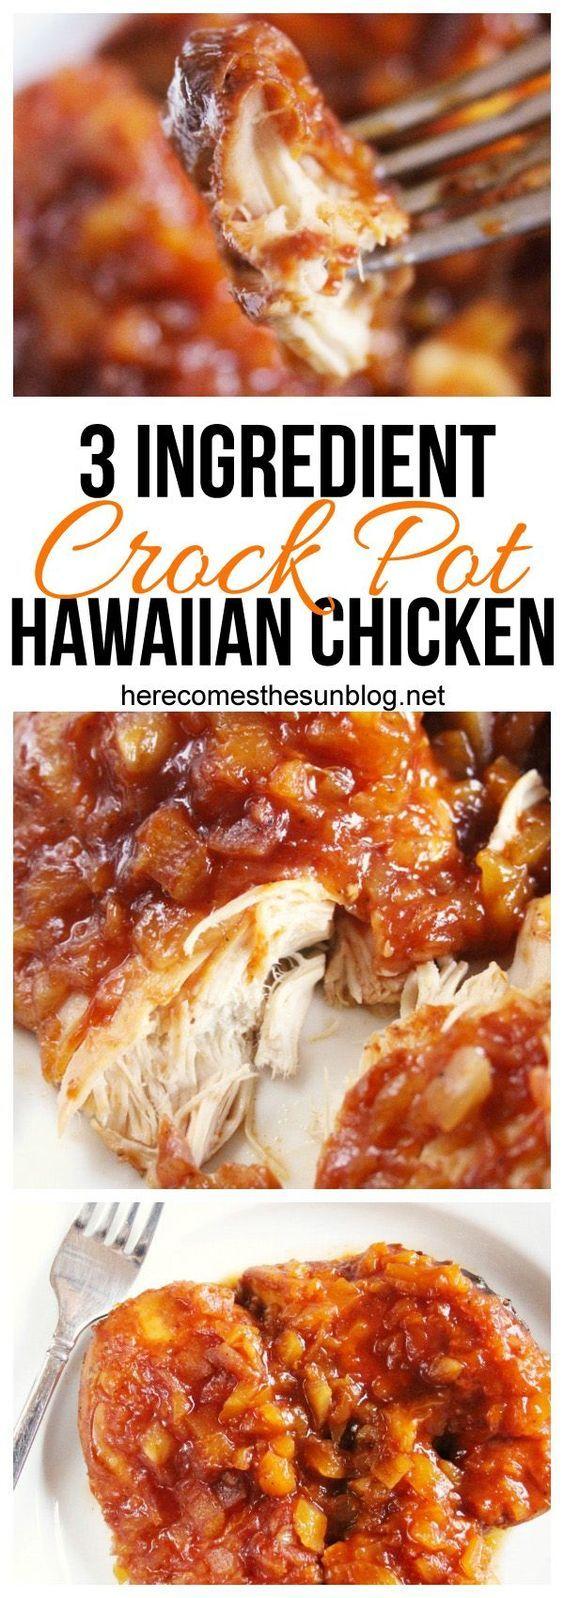 3 Ingredient Crock Pot Hawaiian Chicken   Recipe